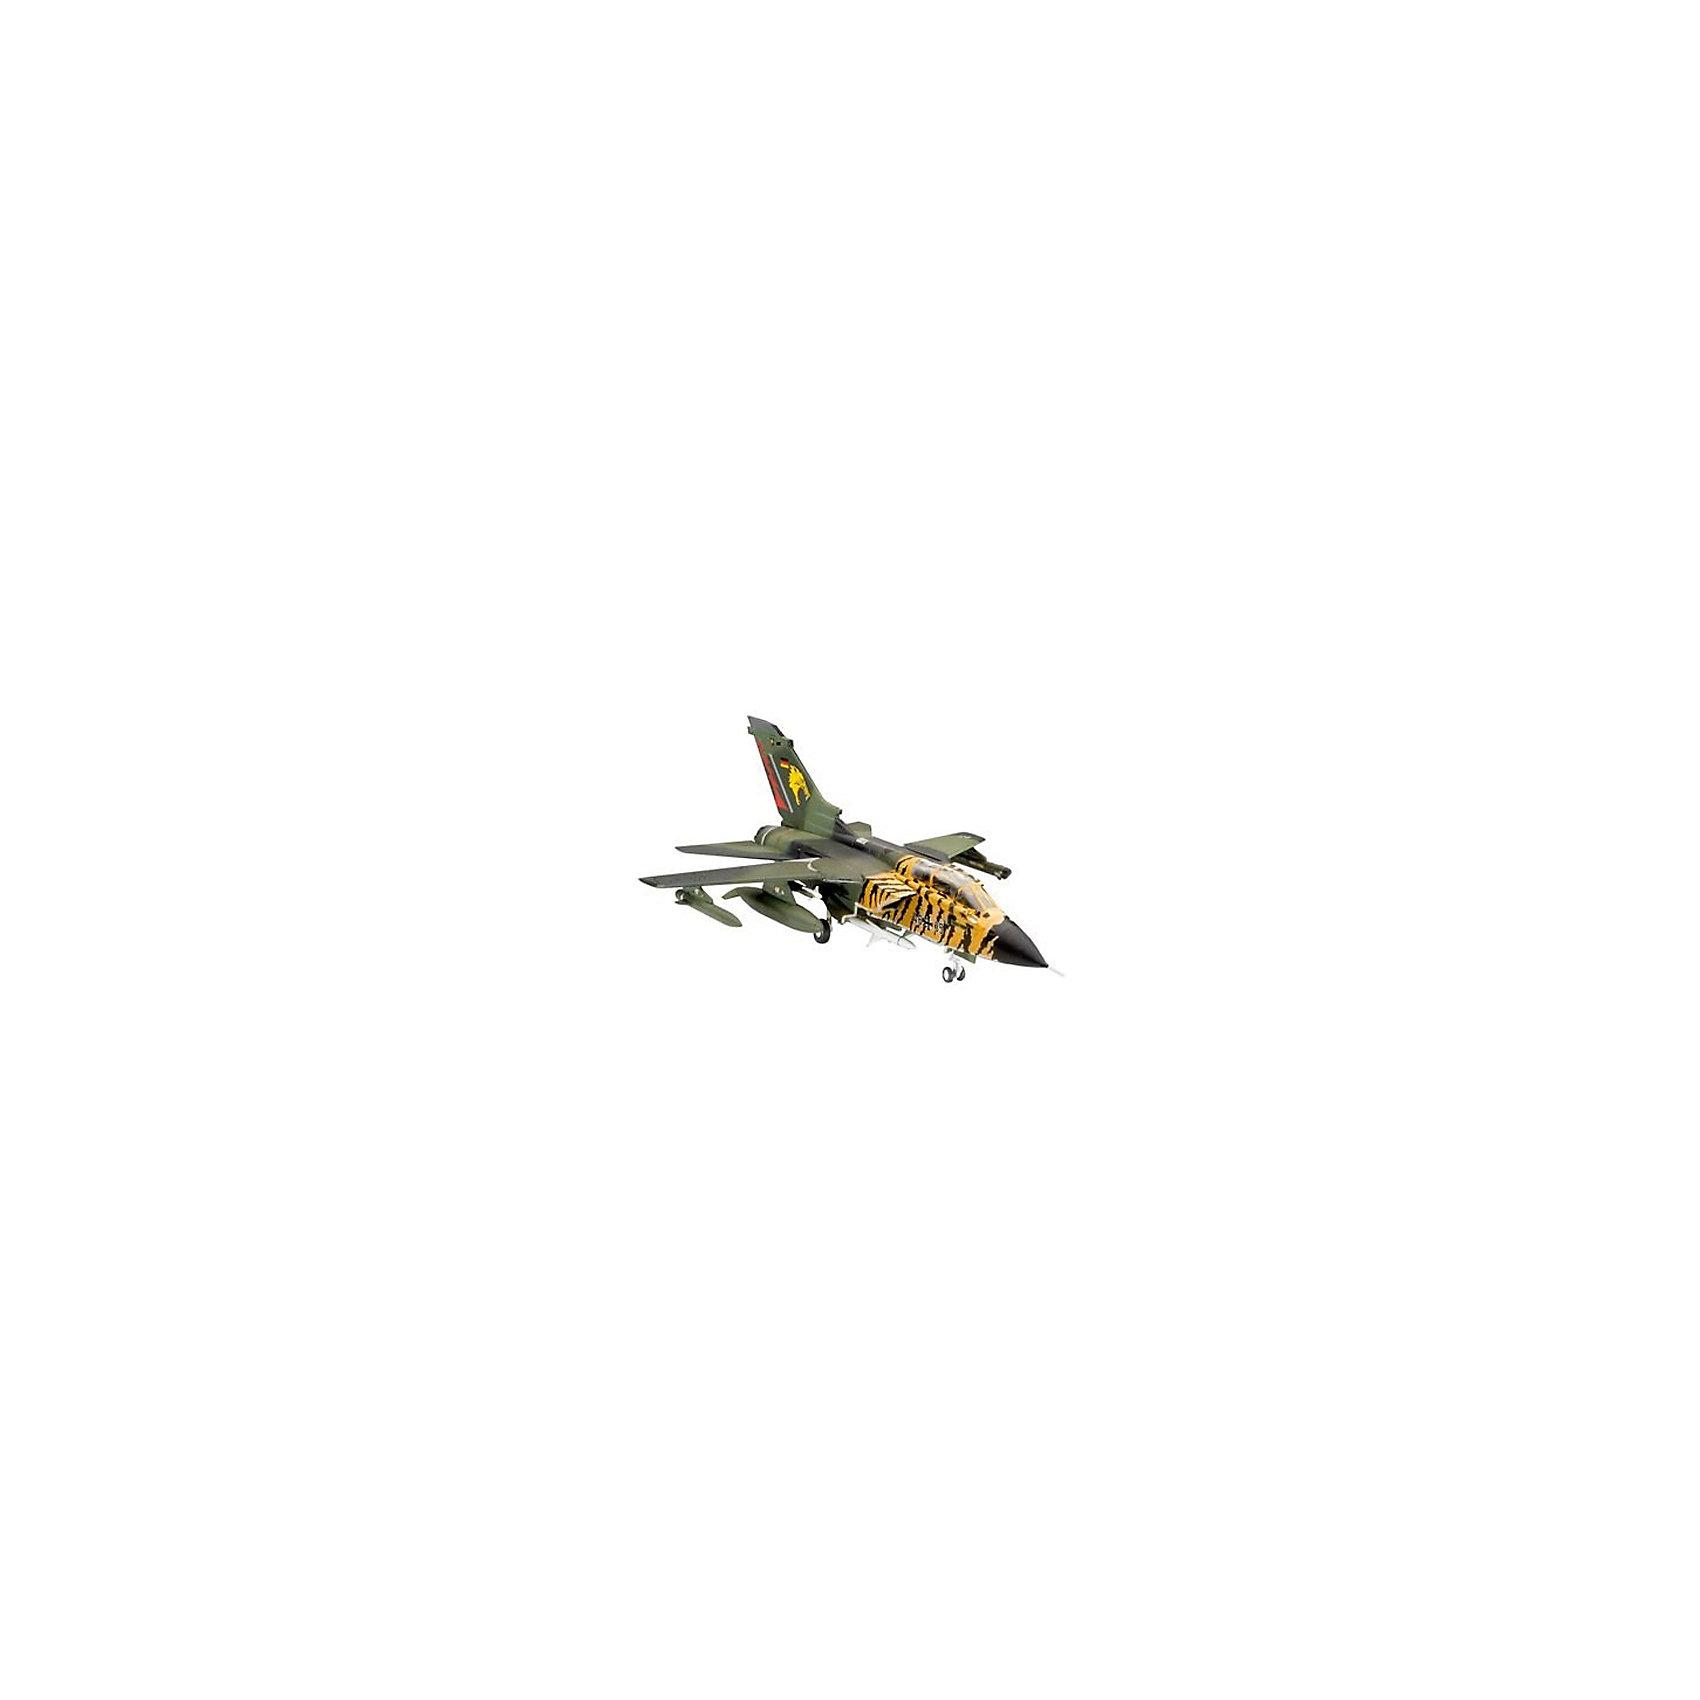 Самолет Tornado ECR, RevellСборные модели транспорта<br>Самолет Tornado ECR, Revell (Ревелл) – эта максимально детализированная модель станет украшением комнаты и дополнением коллекции.<br>Самолет Tornado ECR, принятый на вооружение в 1980 году Tornado IDS, до сих пор состоит на вооружении ВВС европейских стран. Является одним из основных самолетов НАТО. Активно применялся во время войн в Ираке и Югославии. За годы производства было построено 992 экземпляра. Сборная модель самолета Tornado ECR от Revell (Ревелл) является абсолютно точной уменьшенной копией своего прототипа. Модель состоит из 63 деталей, которые необходимо собрать, склеить и покрыть краской в соответствии с инструкцией. В наборе также прилагаются клей в удобной упаковке, краски и кисточка. Модель тщательно проработана. Макет самолета имеет детализированную поверхность с внутренней расшивкой, тщательно проработанную кабину, подвижные детали крыльев с изменяемой геометрией, детализированное шасси, подвесные дополнительные баки, управляемые ракеты, ракеты HARM, подвесную камеру. Разработанная для детей от 10 лет, сборная модель самолета, определённо, принесёт массу положительных эмоций и взрослым любителям моделирования, и коллекционерам военной техники. Моделирование считается одним из наиболее полезных хобби, ведь оно развивает интеллектуальные и инструментальные способности, воображение и конструктивное мышление. Прививает практические навыки работы со схемами и чертежами.<br><br>Дополнительная информация:<br><br>- Возраст: для детей старше 10-и лет<br>- В наборе: комплект пластиковых деталей для сборки модели, декаль (наклейки) для 2 вариантов, базовые акриловые краски, клей, кисточка, инструкция<br>- Количество деталей: 63 шт.<br>- Масштаб модели: 1:144<br>- Длина модели: 118 мм.<br>- Размах крыльев: 85 мм.<br>- Уровень сложности: 3 (из 5)<br>- Дополнительно потребуются: кусачки, для того чтобы отделить детали с литников<br>- Краски из набора можно разбавлять обычной водой или фирменным растворител